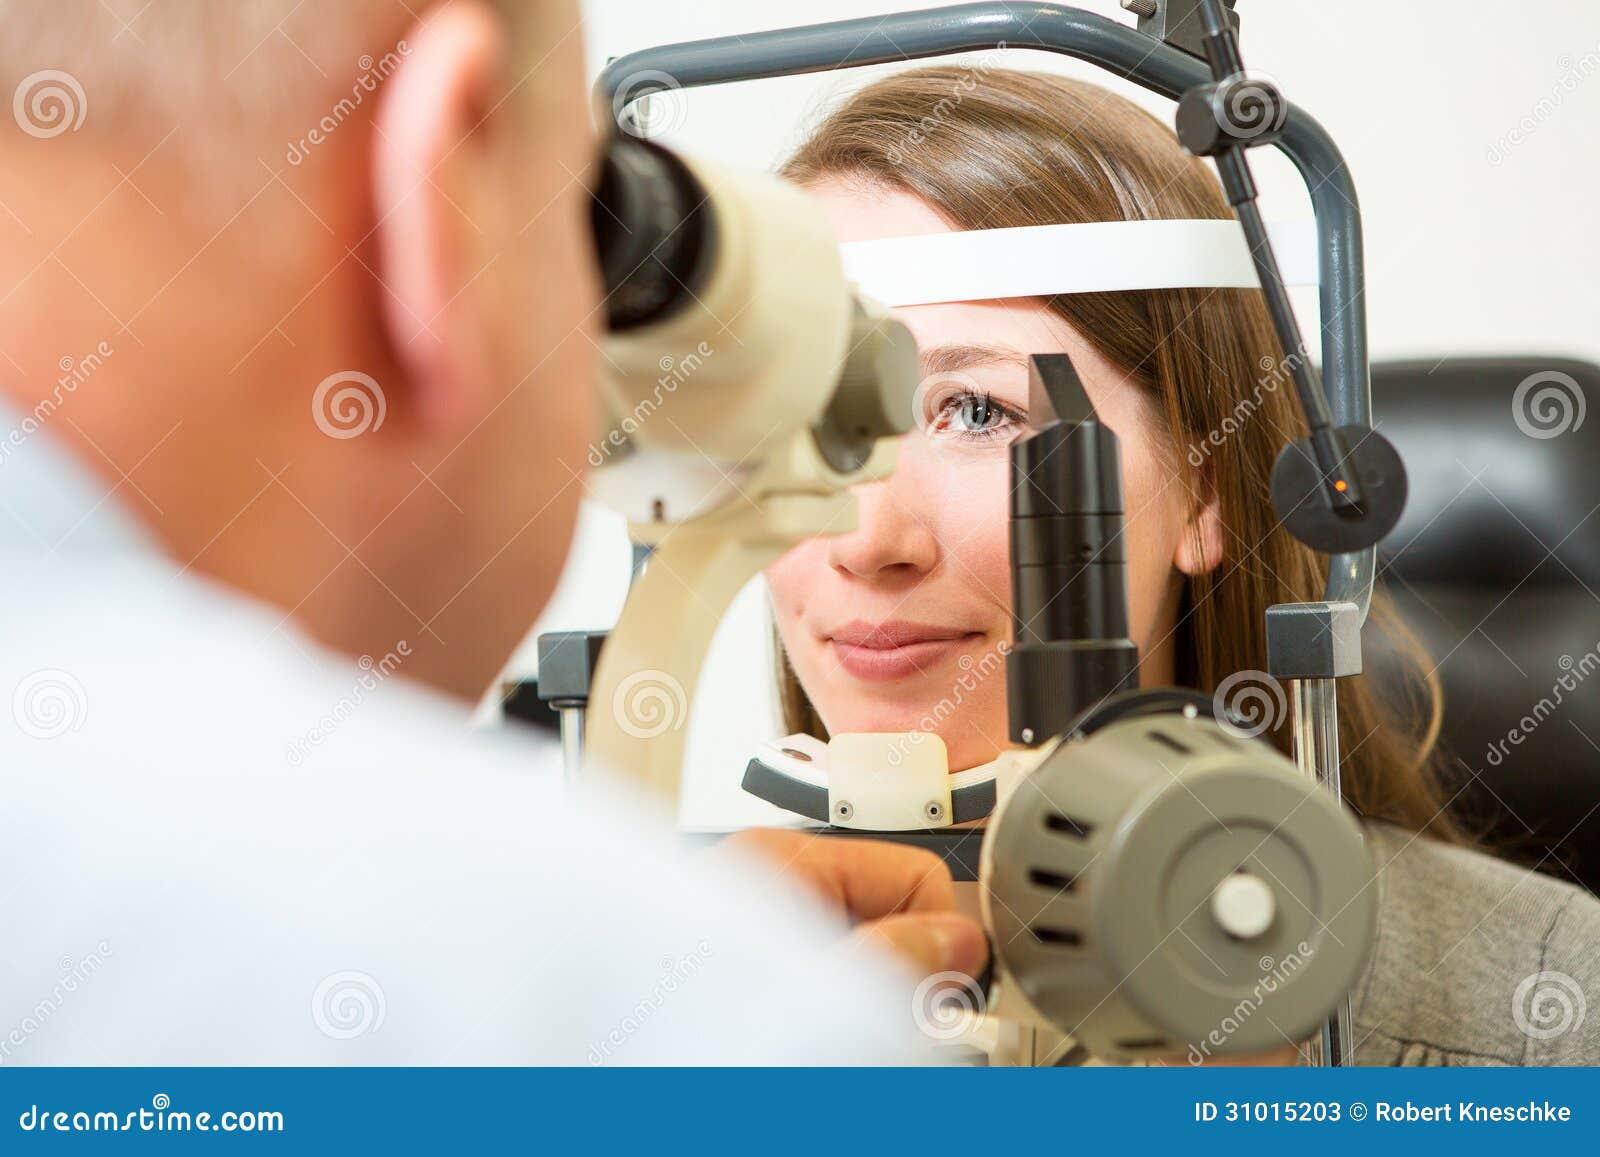 检查眼睛的验光师与裂缝